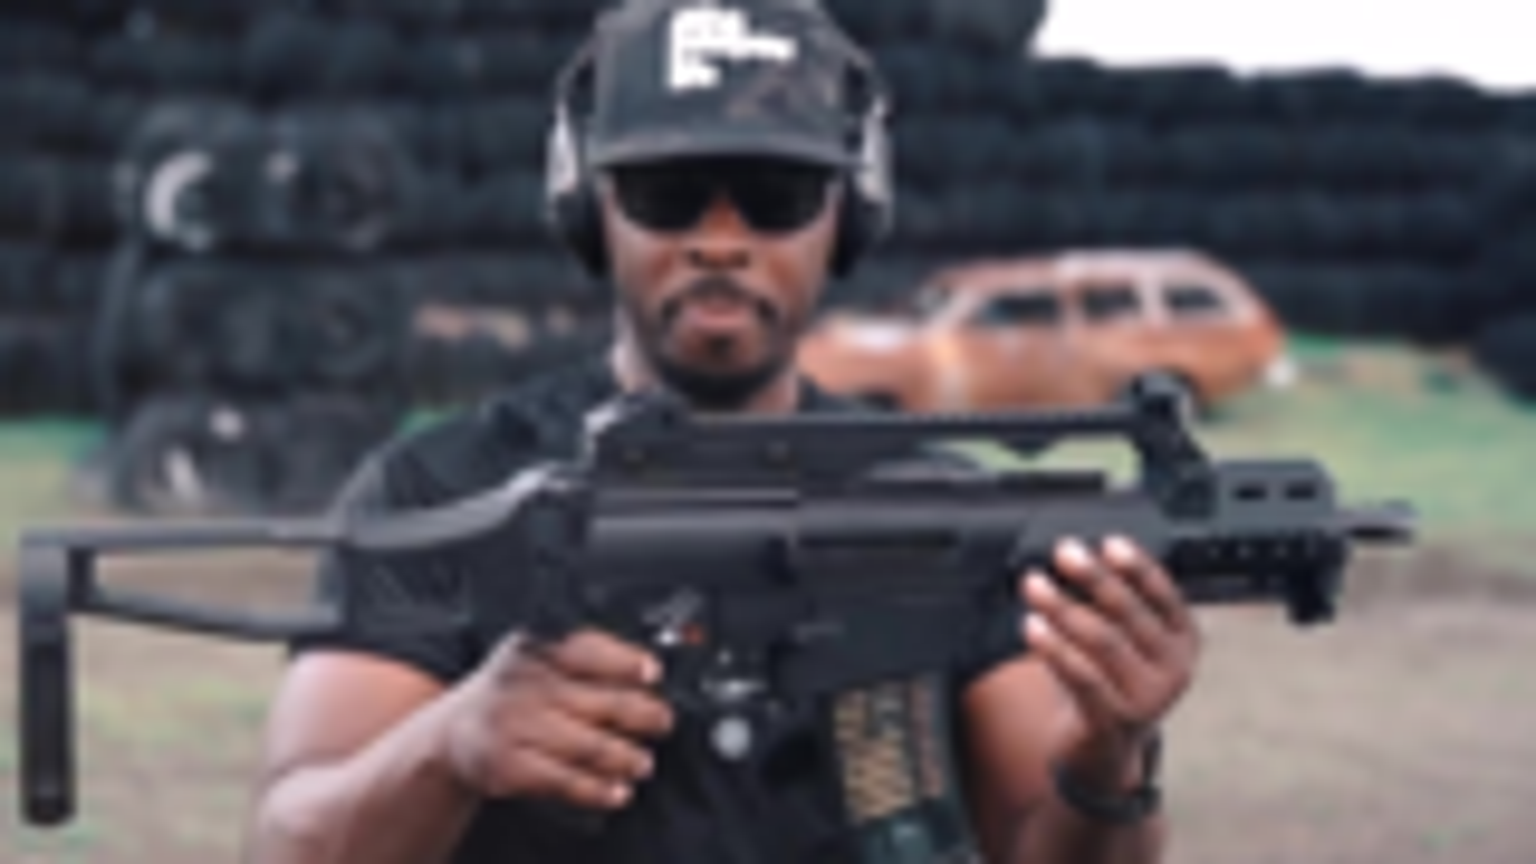 黑人小哥告诉你爱上这把 HK G36C 的理由